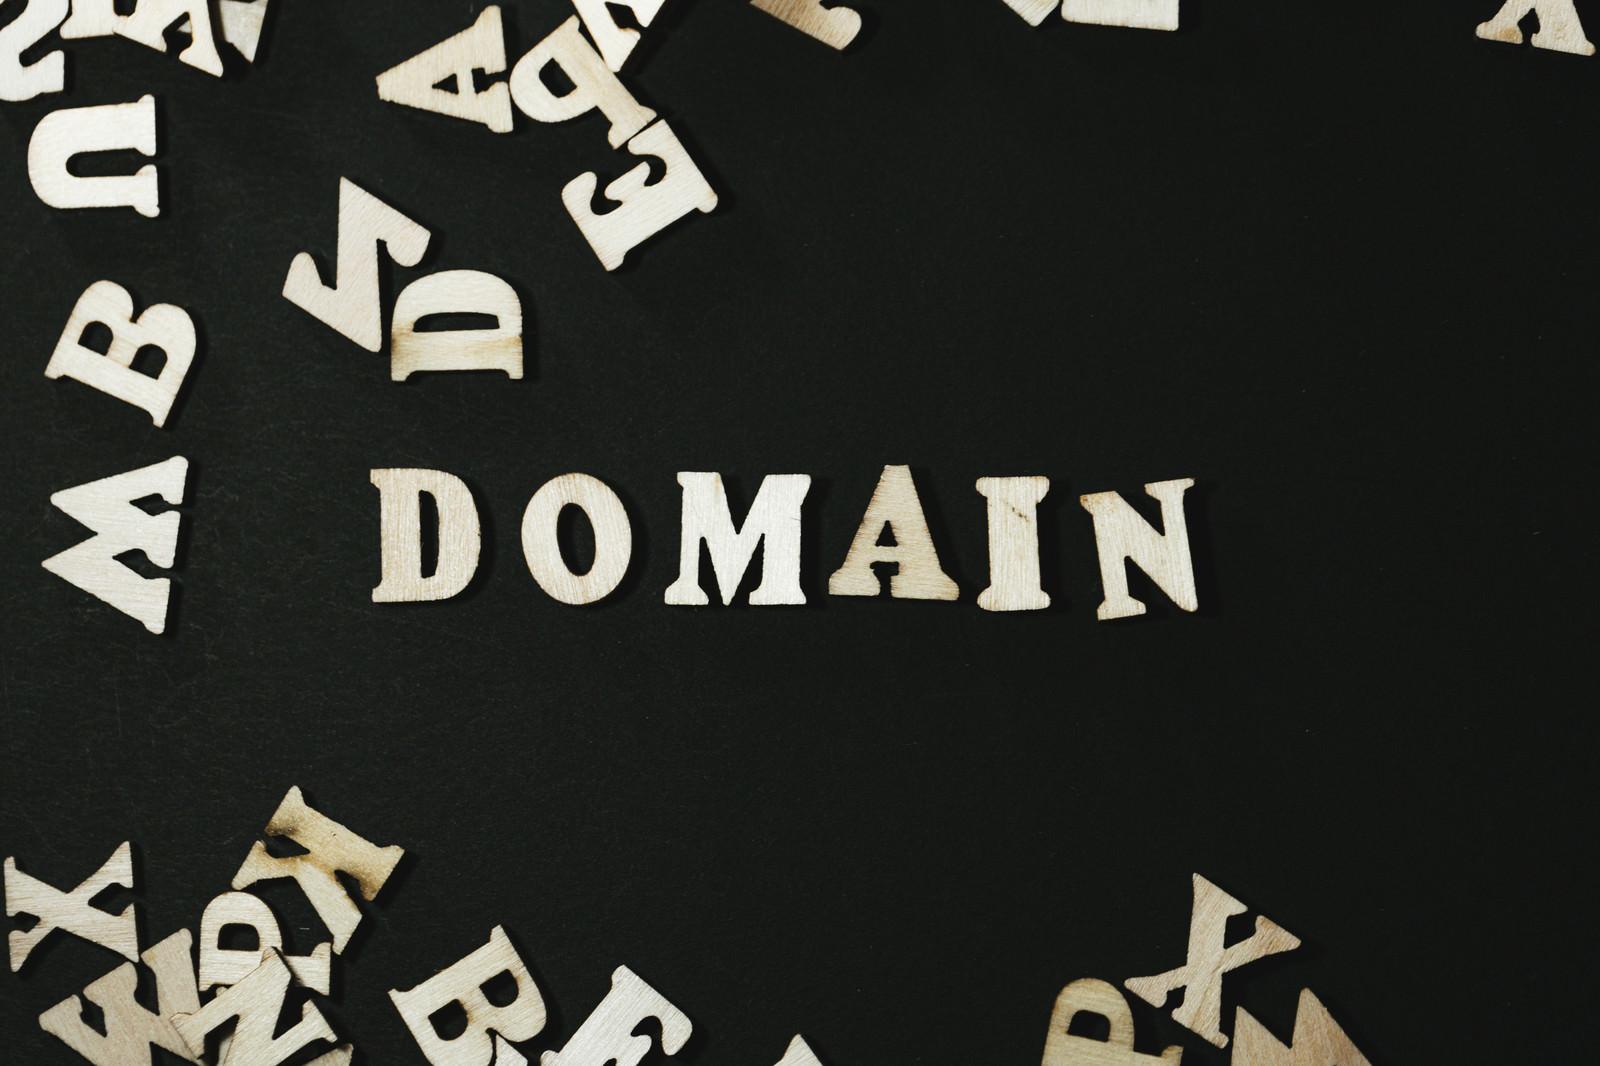 「DOMAIN」の写真